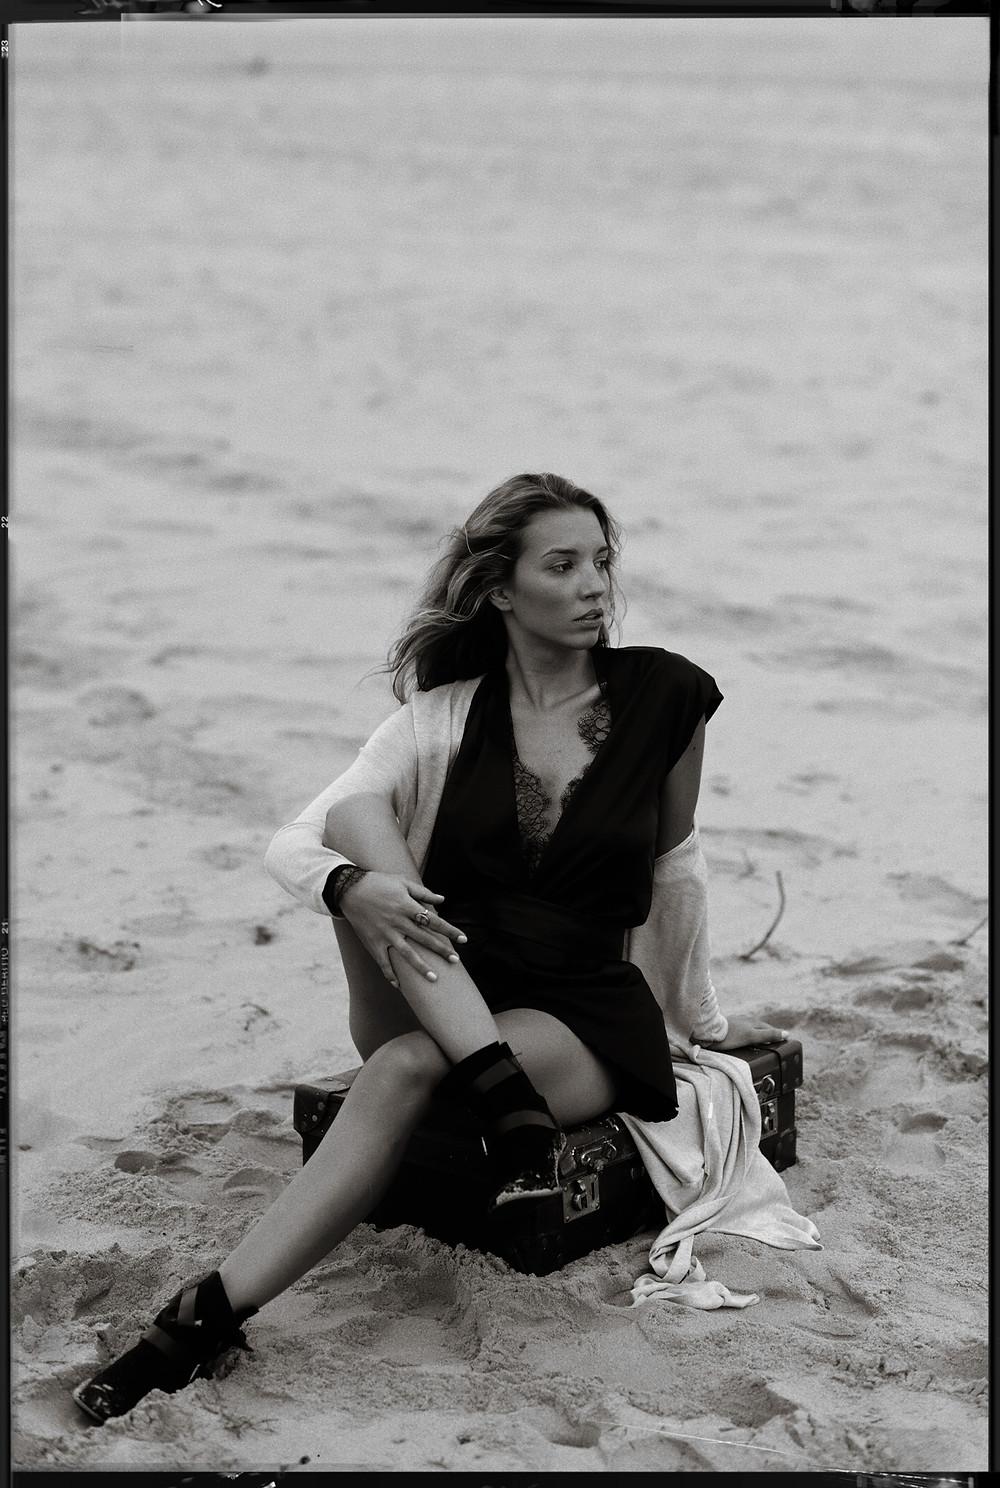 © Franck Socha pour L'Impatience